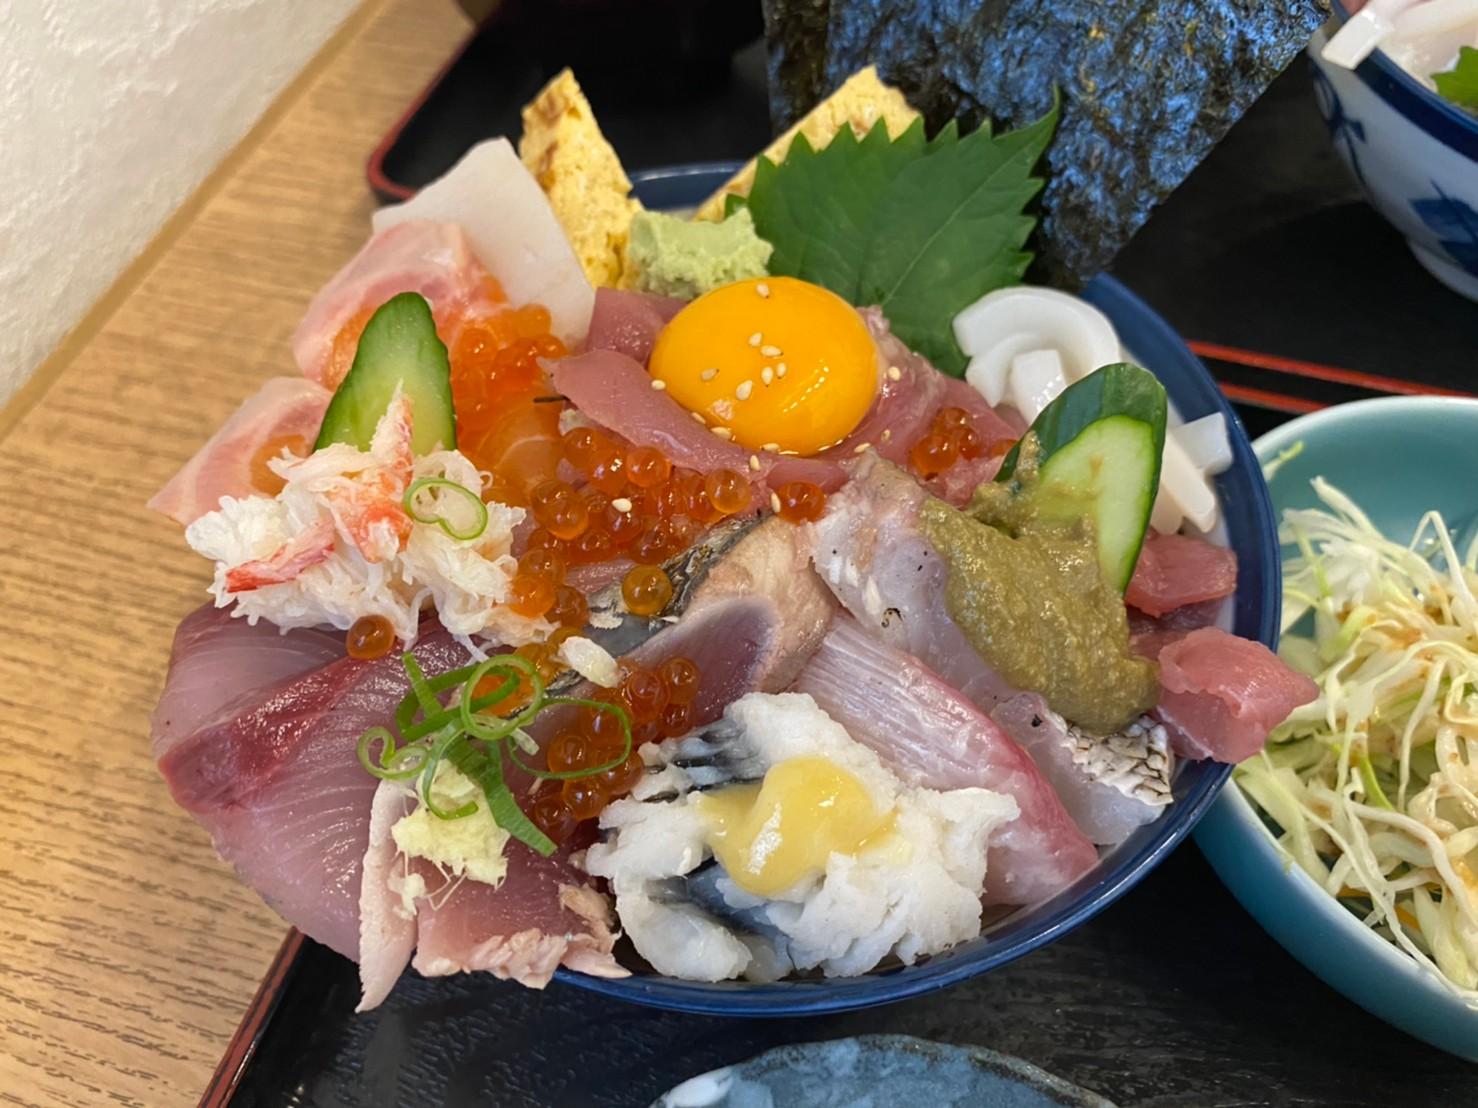 有松|有松駅すぐ!40年続く和食屋さんでいただく贅沢海鮮丼ランチ